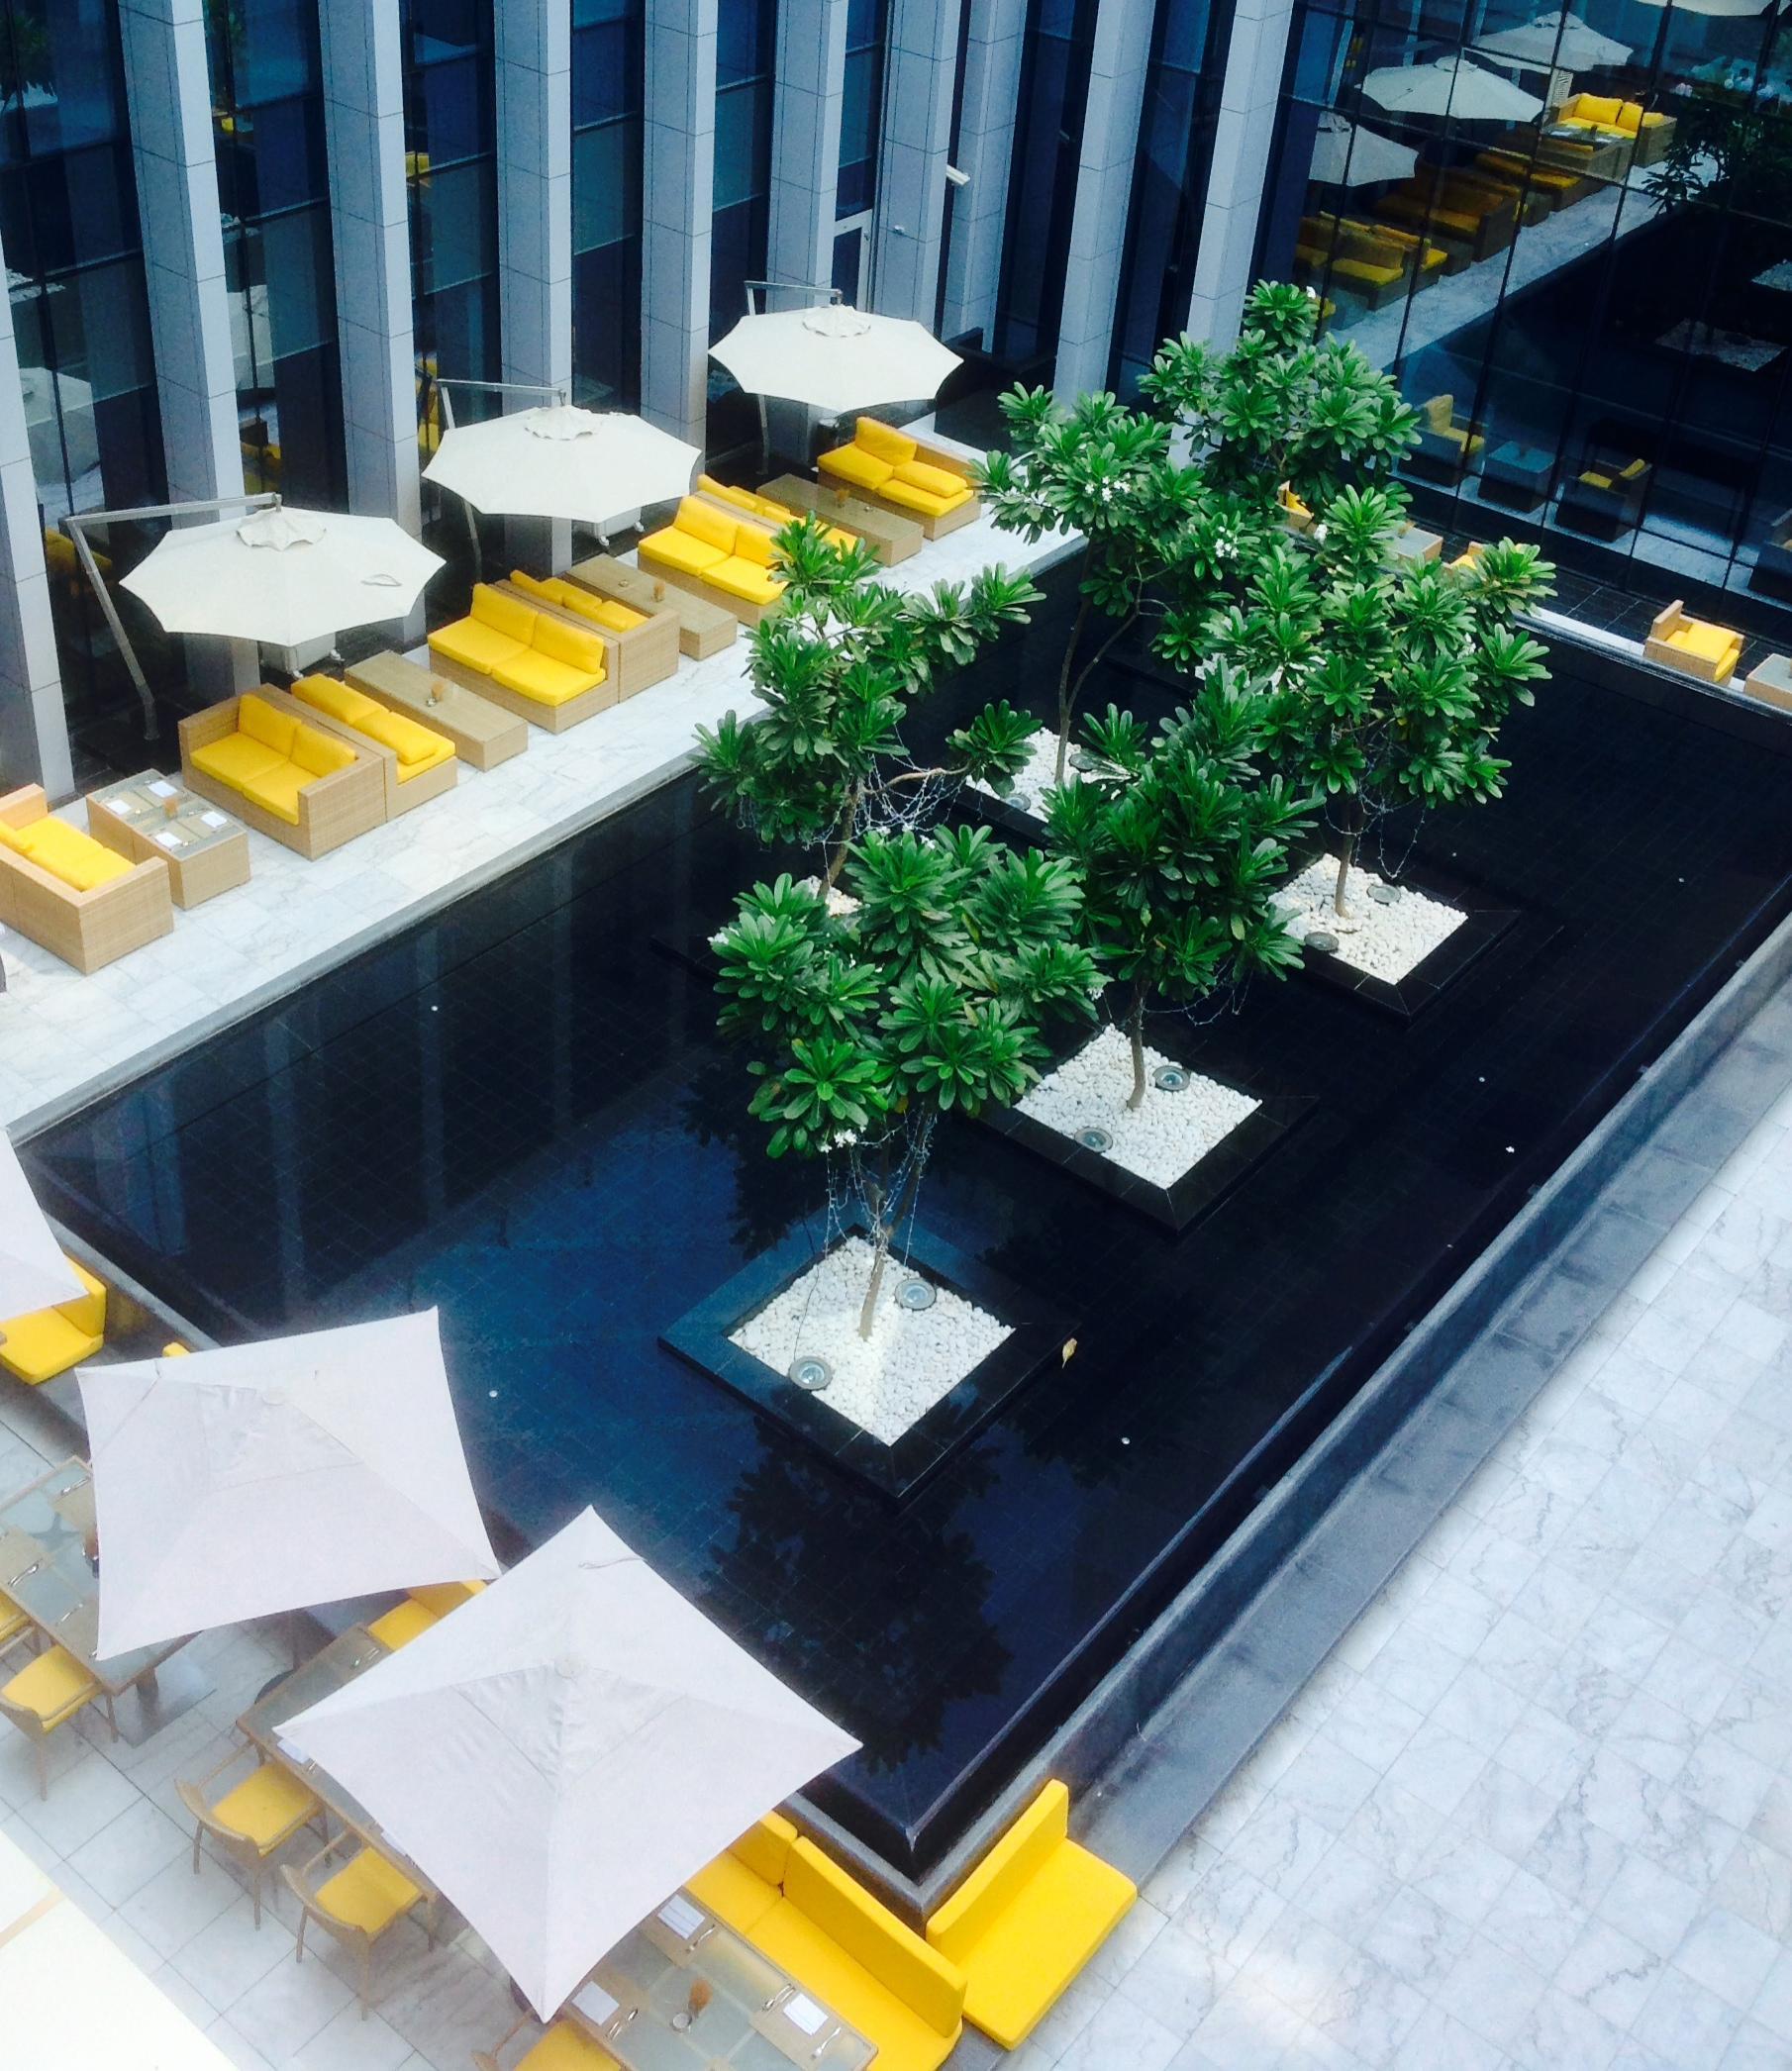 Atrium sitting area